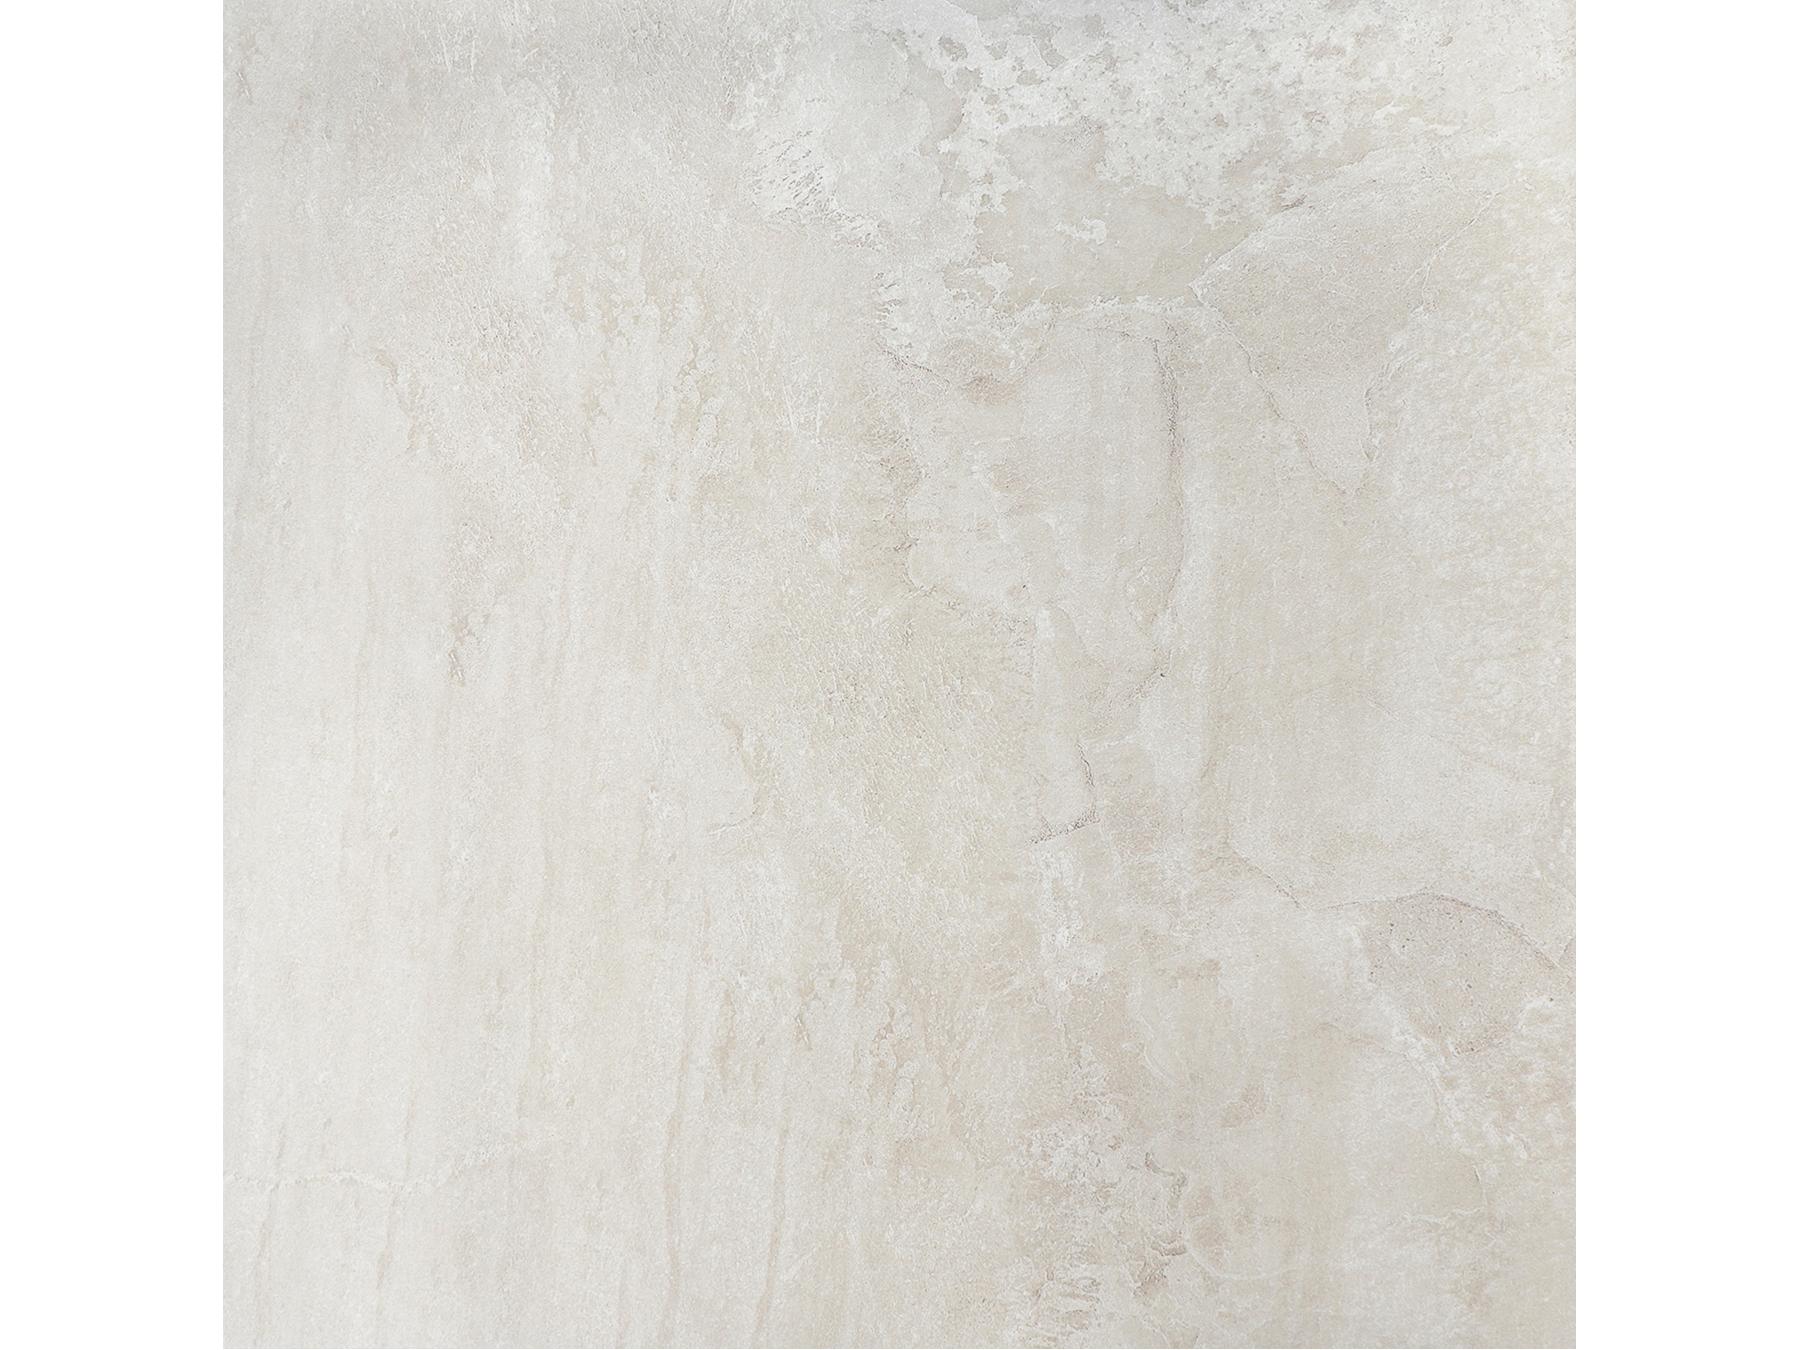 18x18 Levian Snow Porcelain Tile